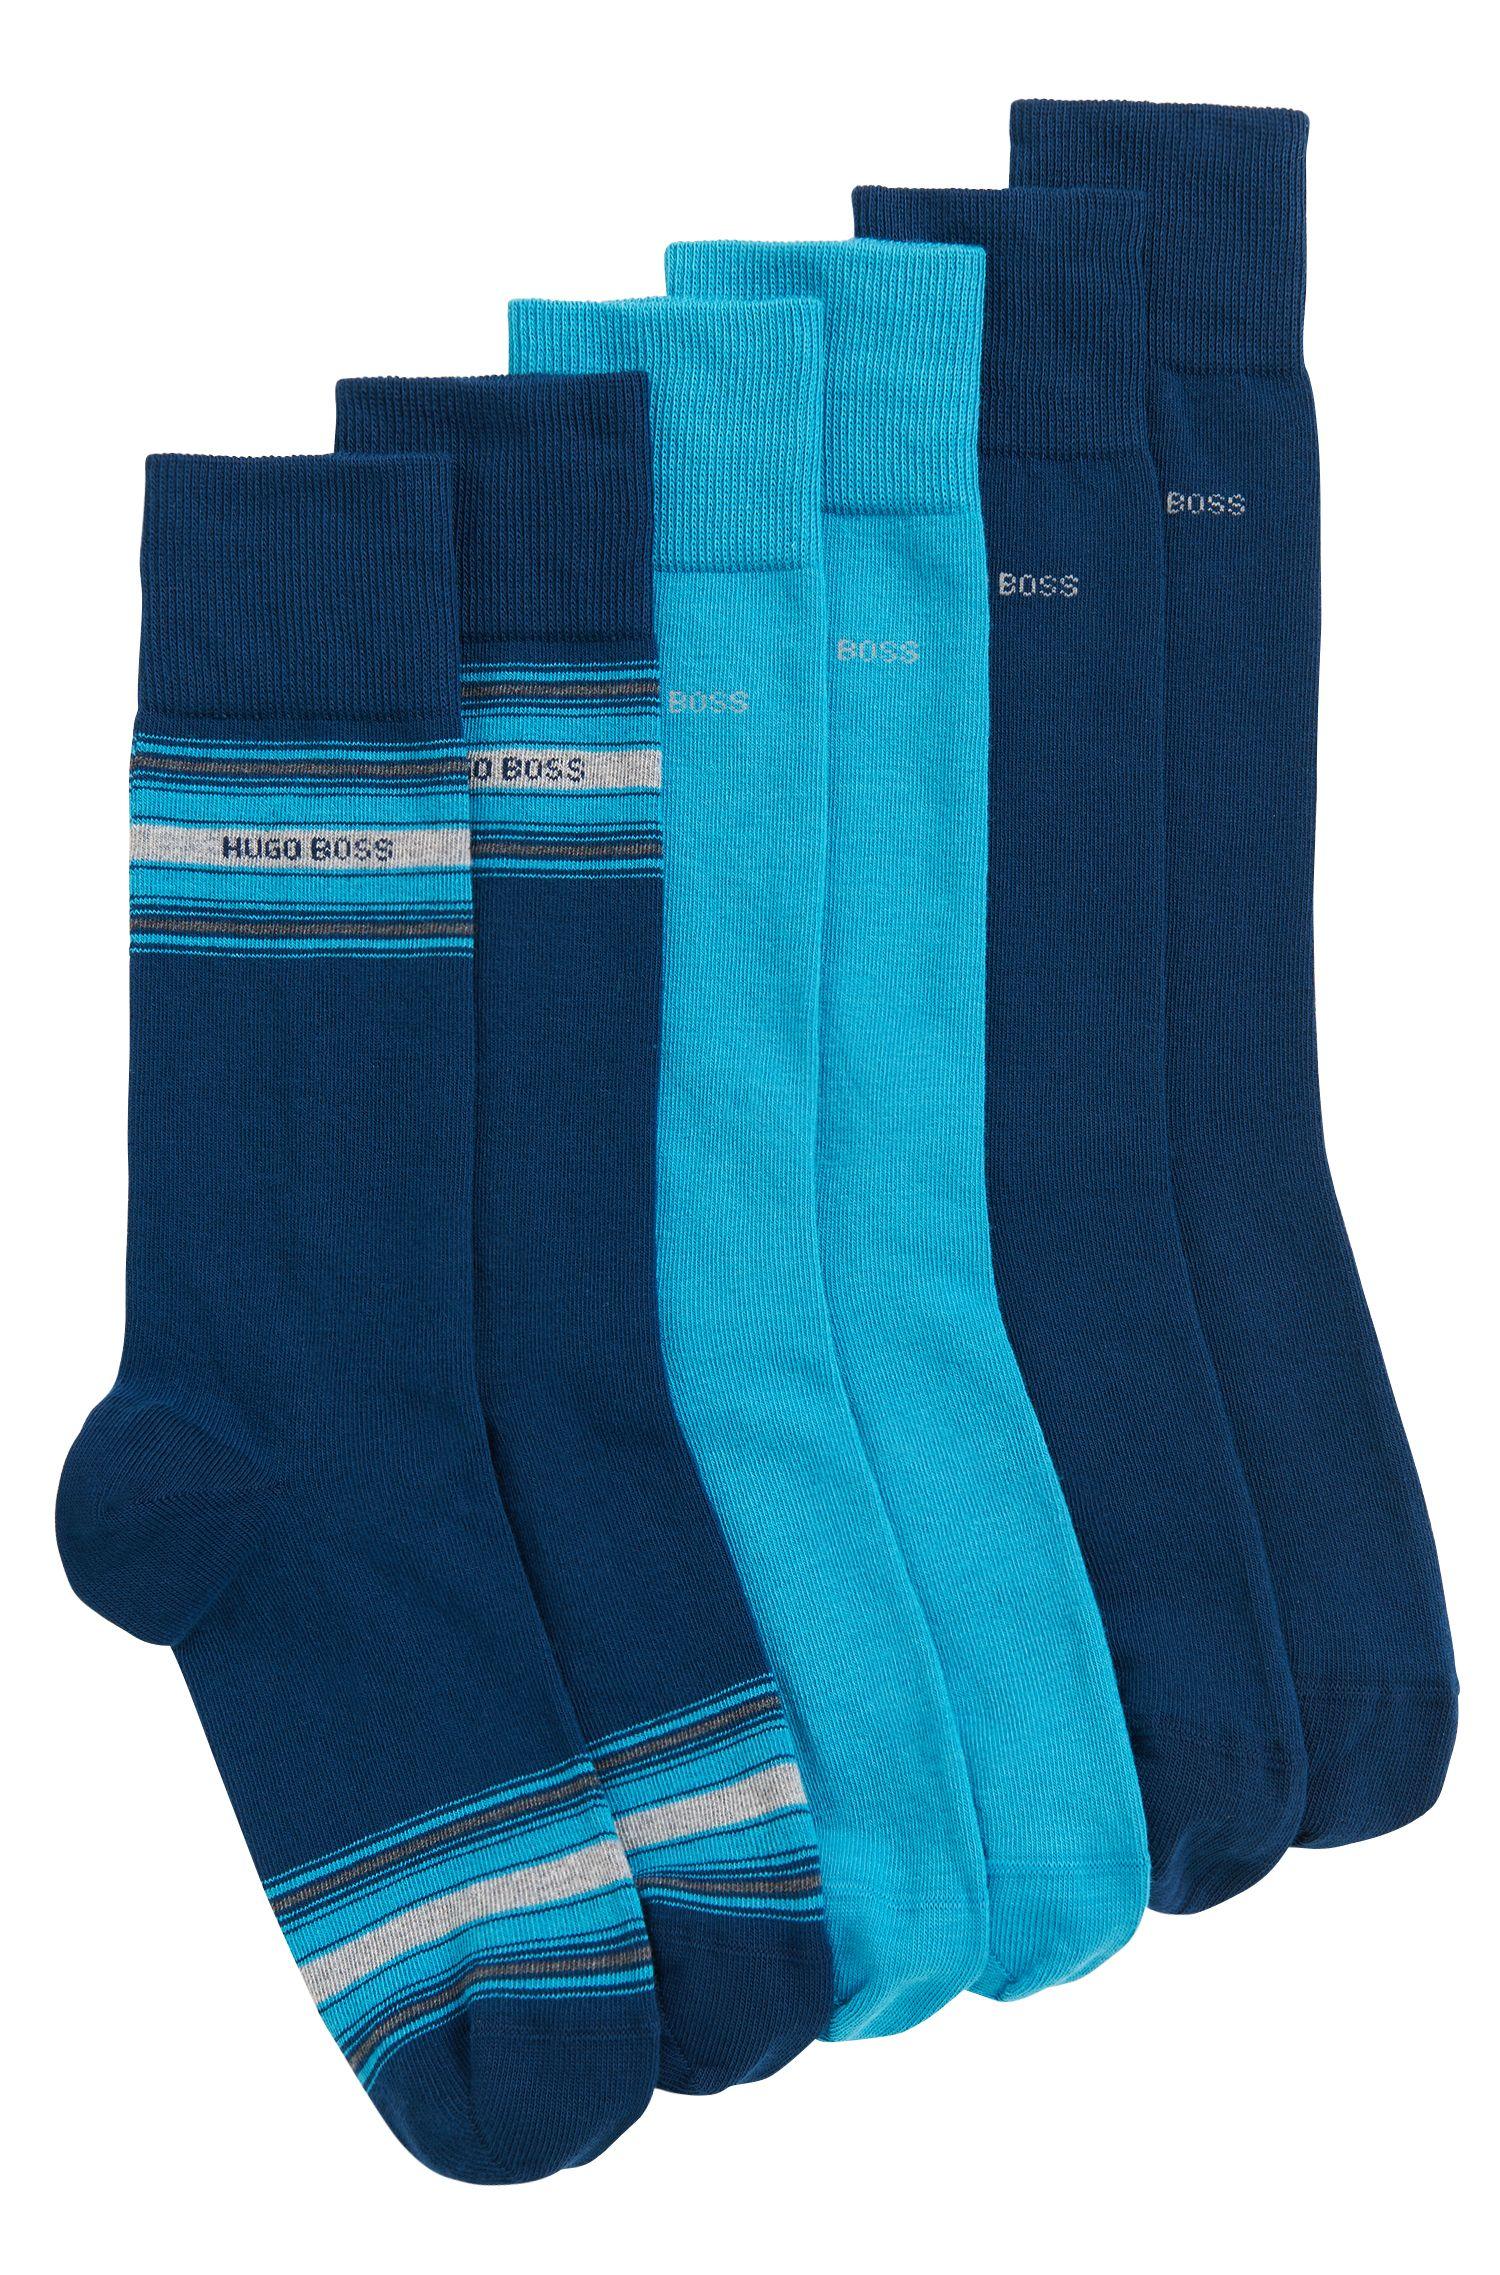 Set van drie paar sokken van een katoenmix met normale lengte